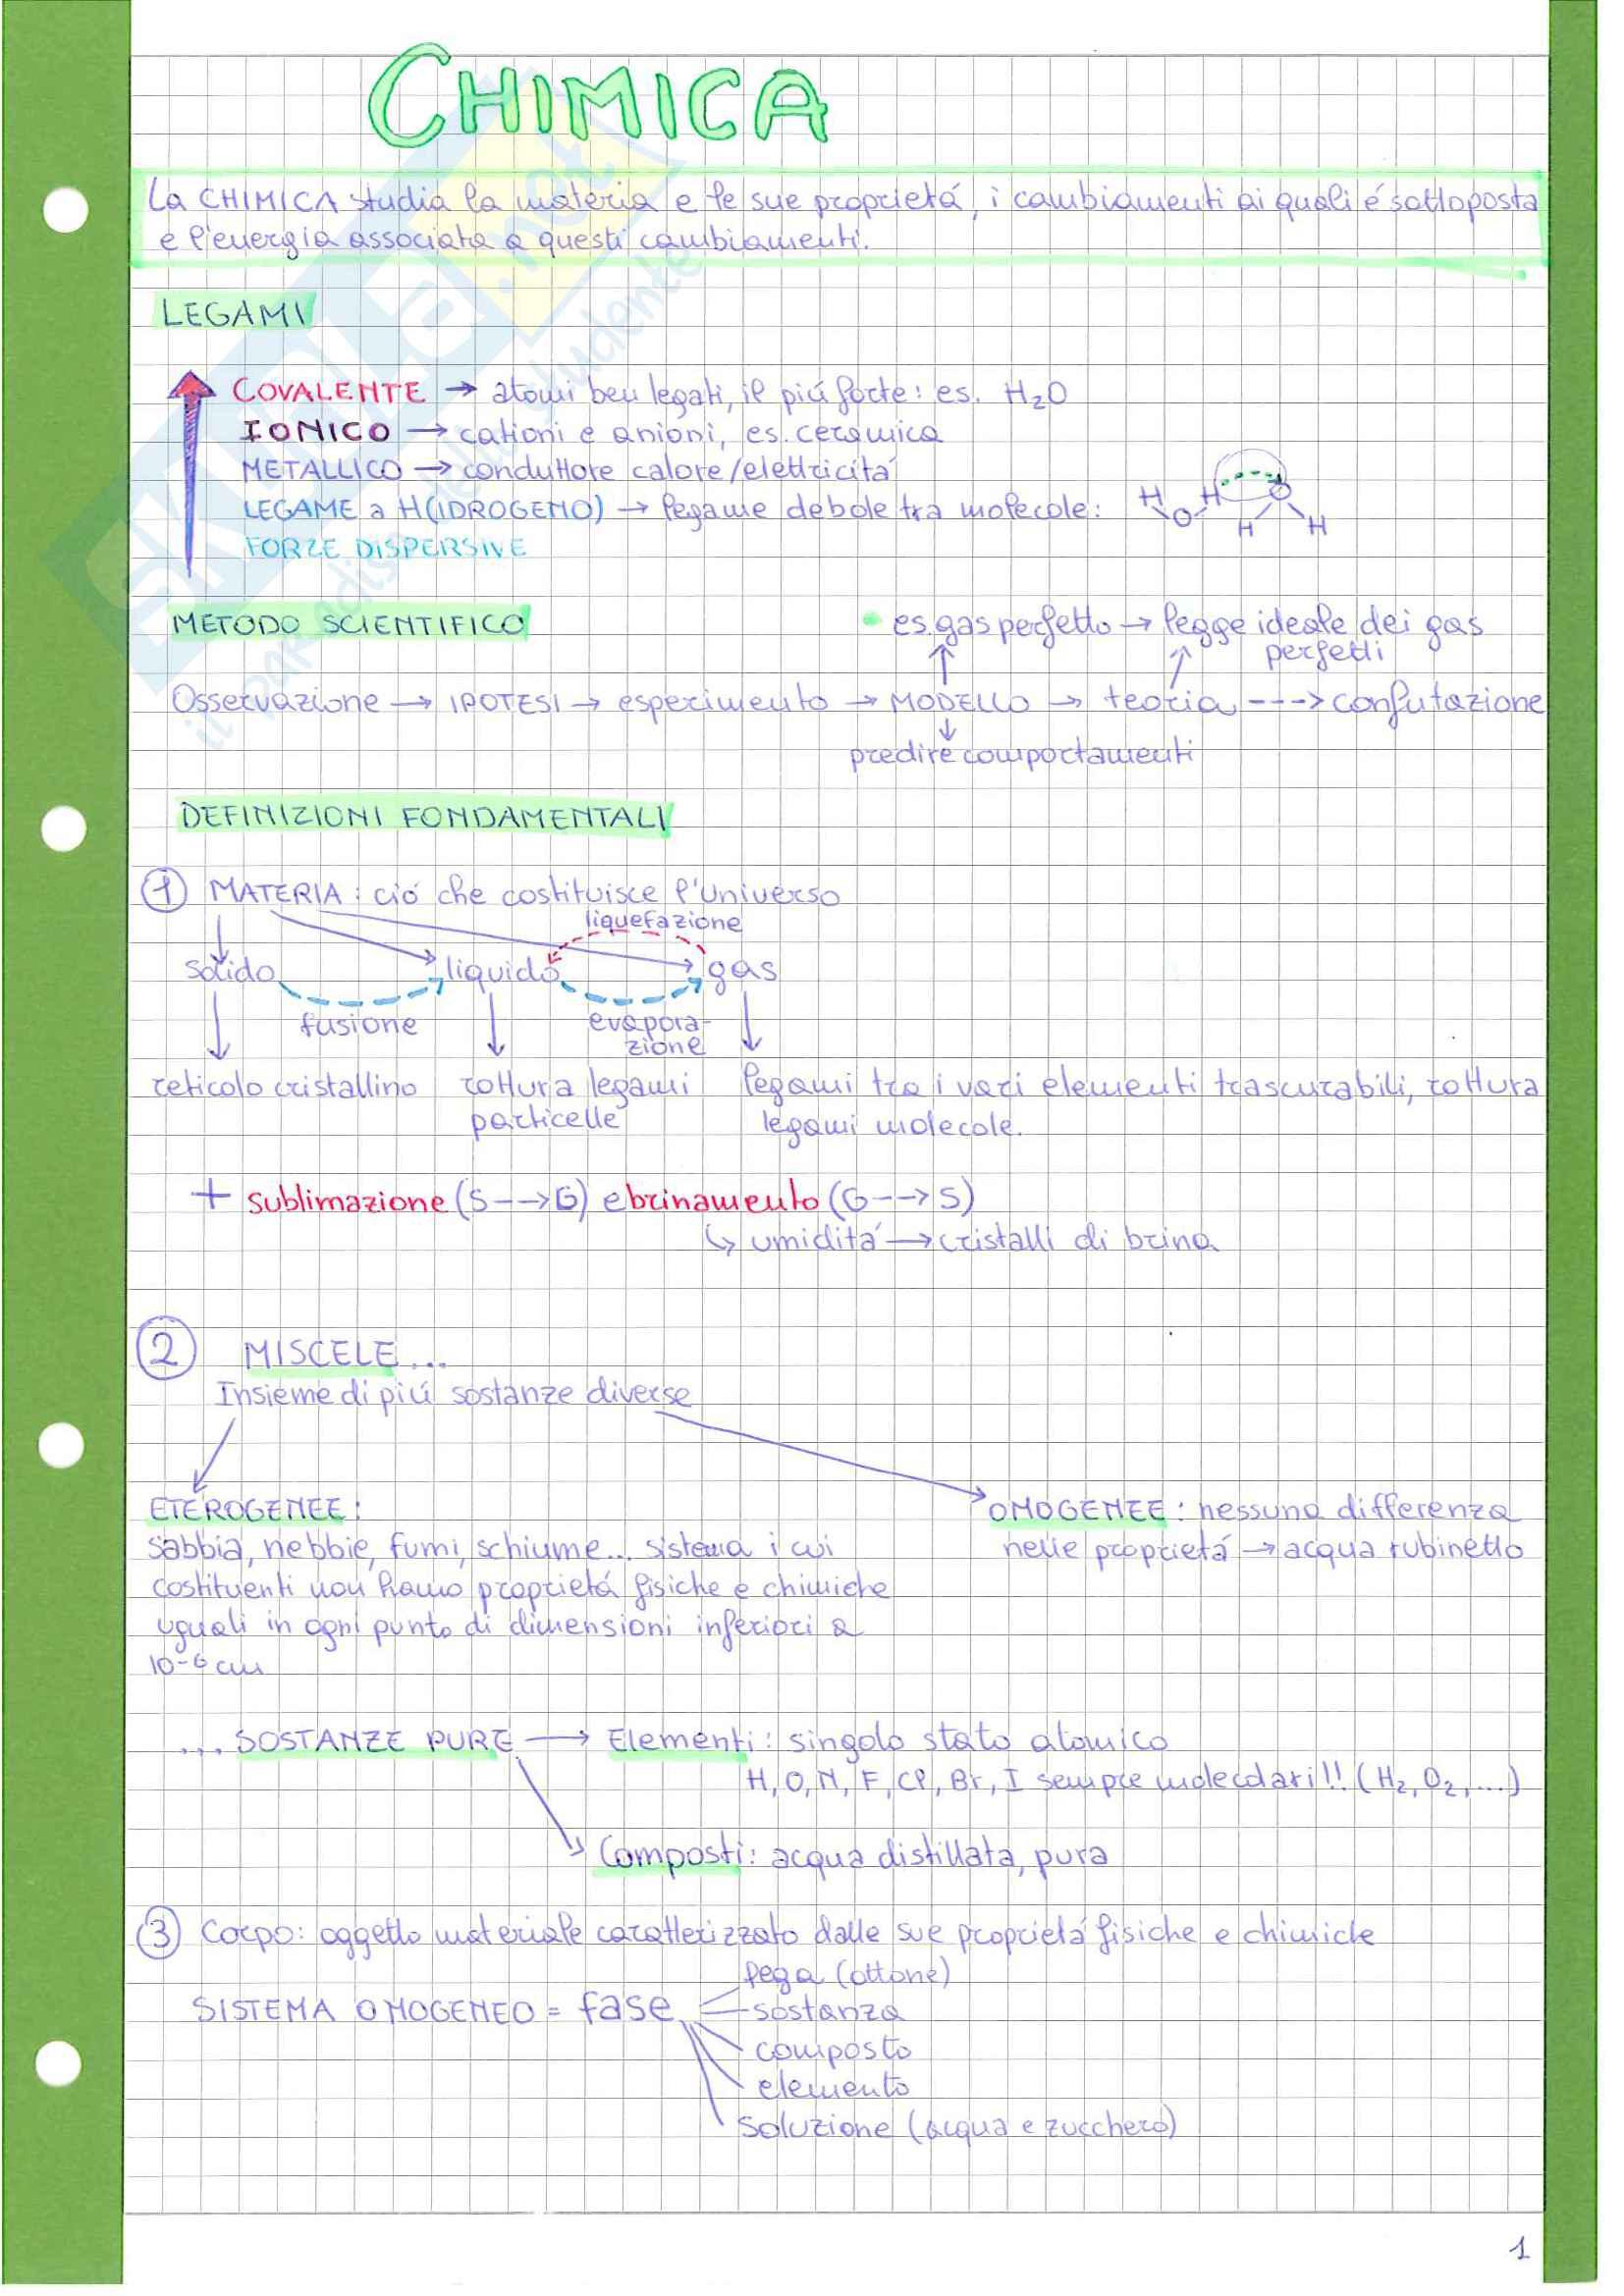 appunto S. Bodoardo Chimica generale e inorganica